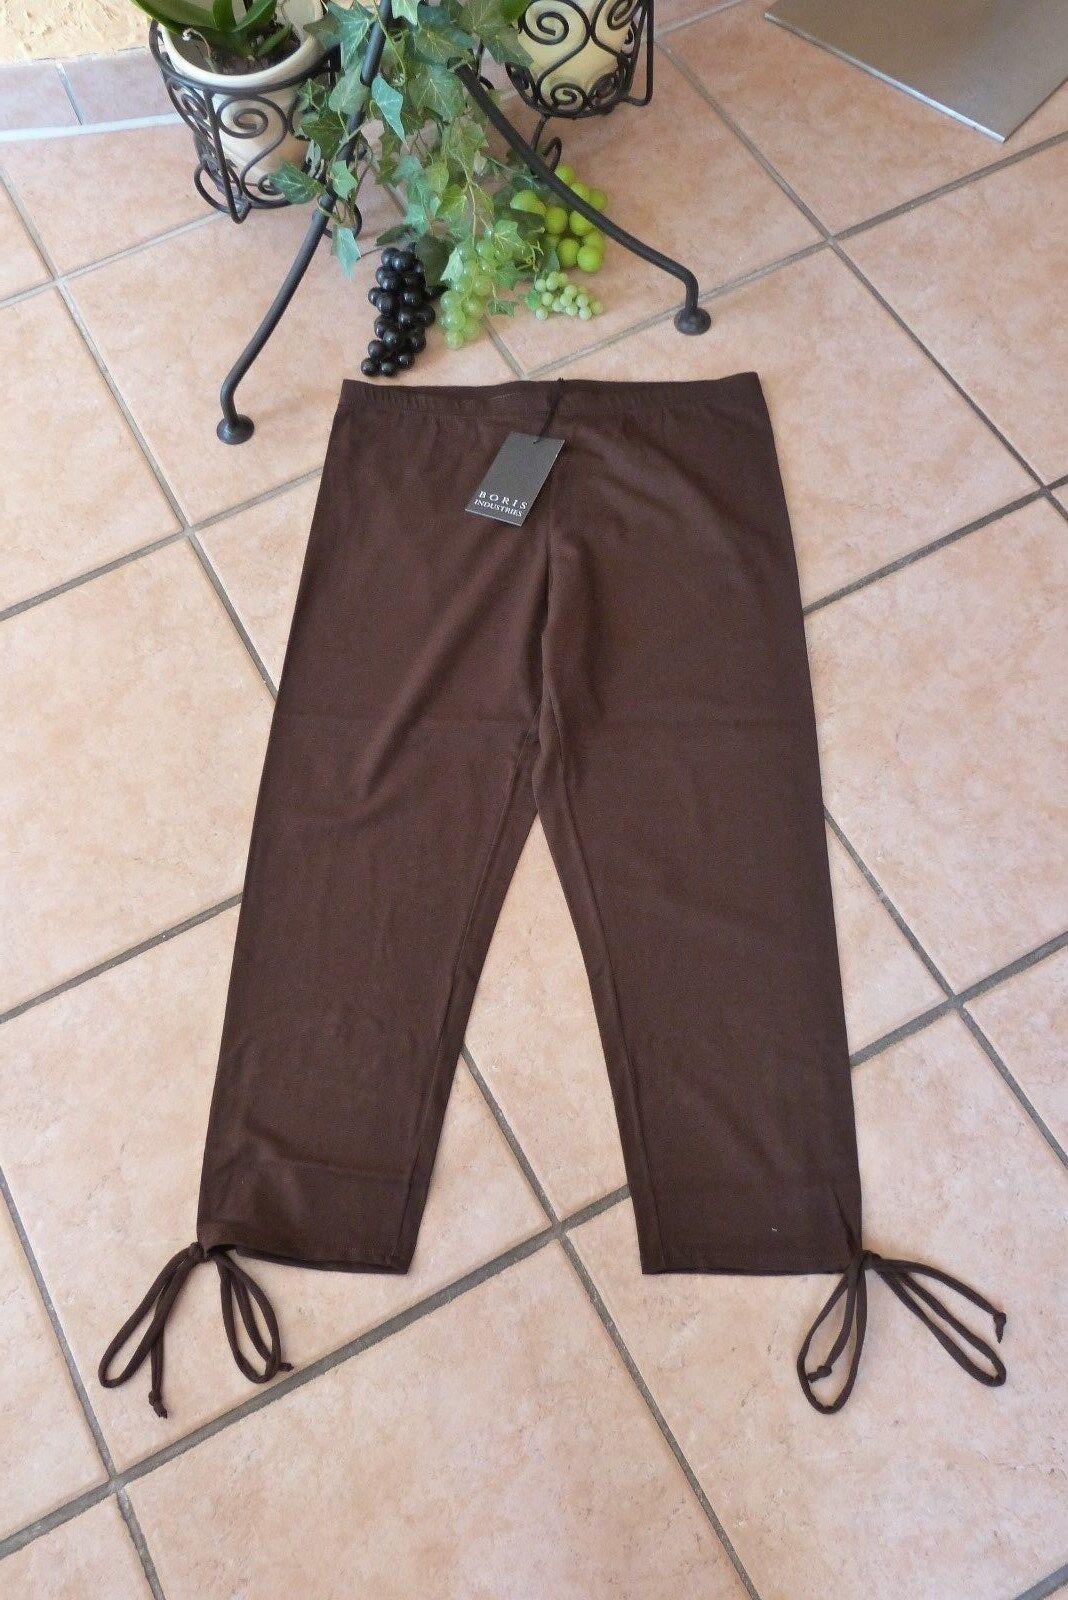 BORIS INDUSTRIES 7 8 Leggings 42 44 (3) NEU schokobrown Bänder LAGENLOOK Stretch